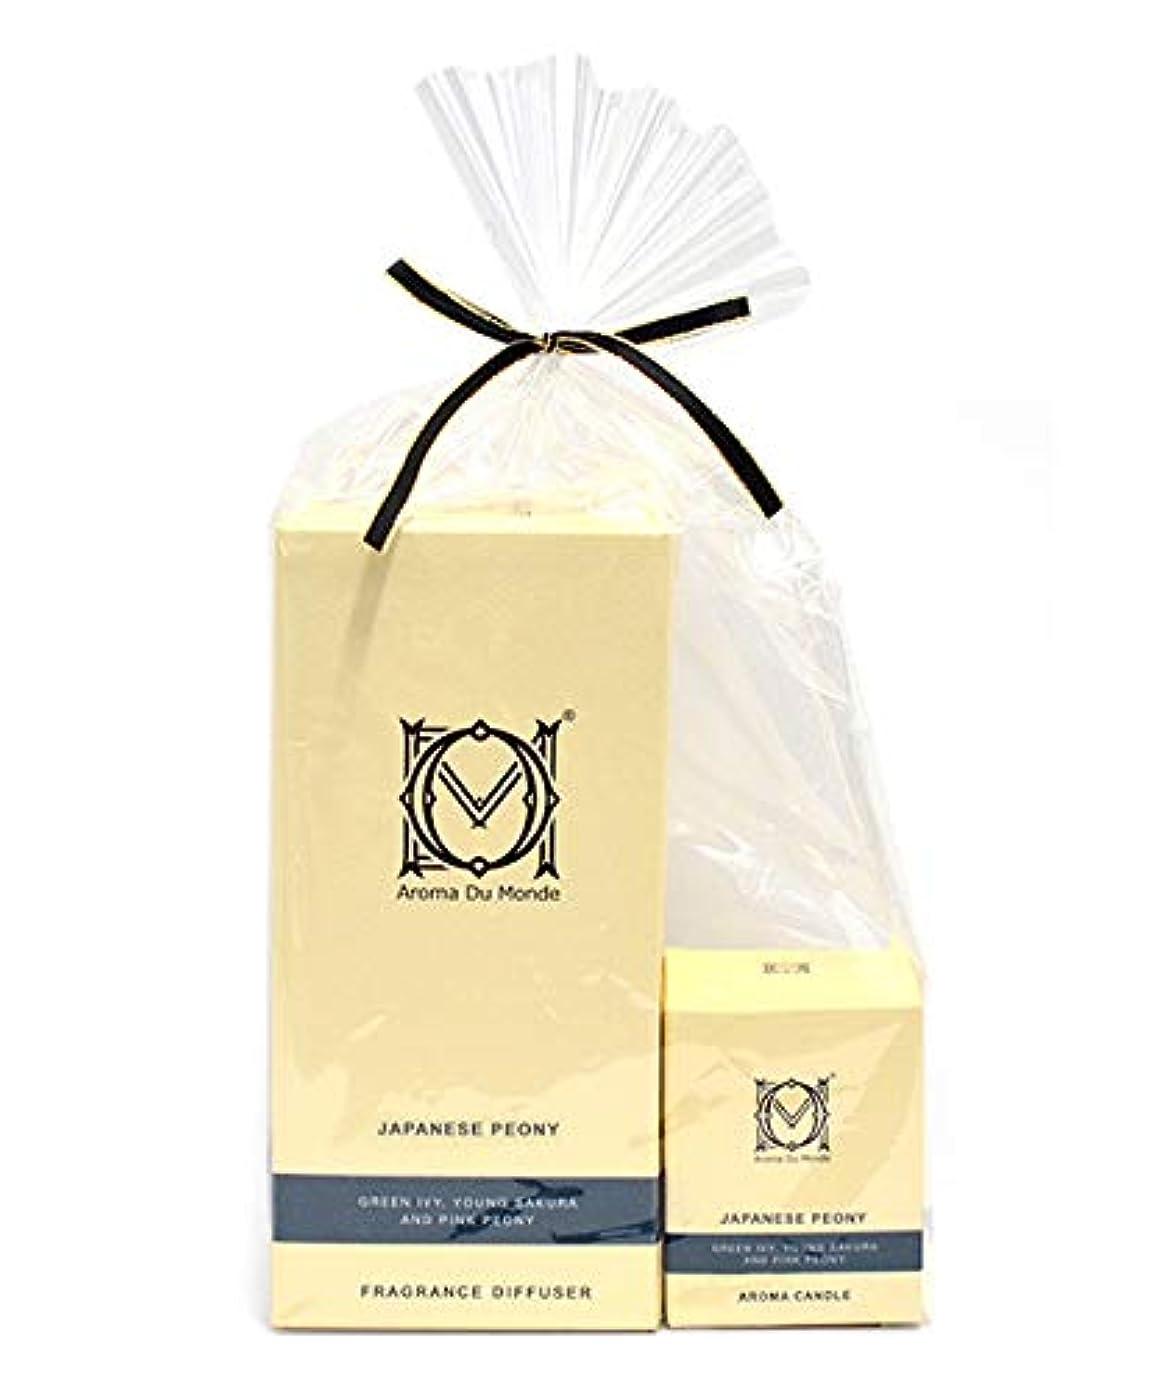 不誠実妖精兵士フレグランスディフューザー&キャンドル JPピオニー セット Aroma Du Monde/ADM Fragrance Diffuser & Candle Japanese Peony Set 81158